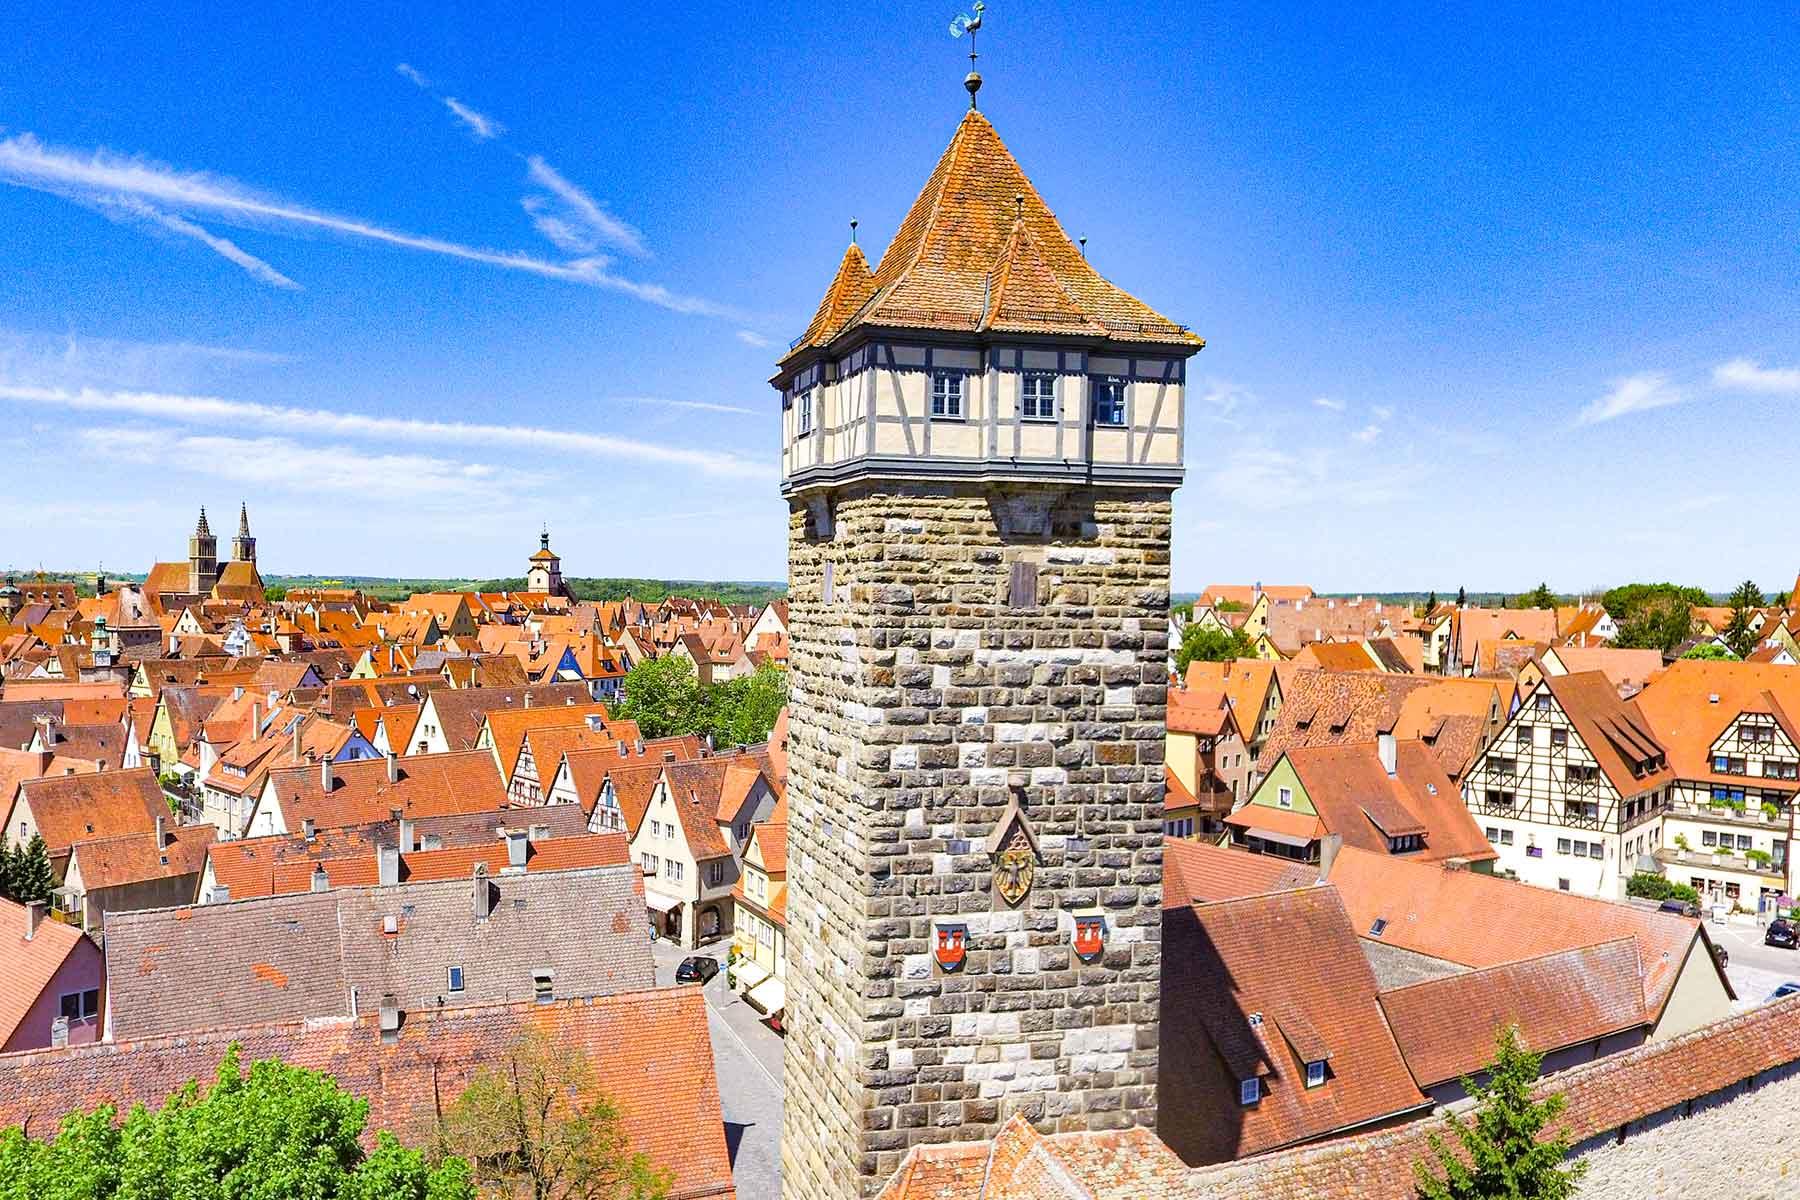 Luftaufnahme von Rothenburg o. d. Tauber mit Stadtmauerturm